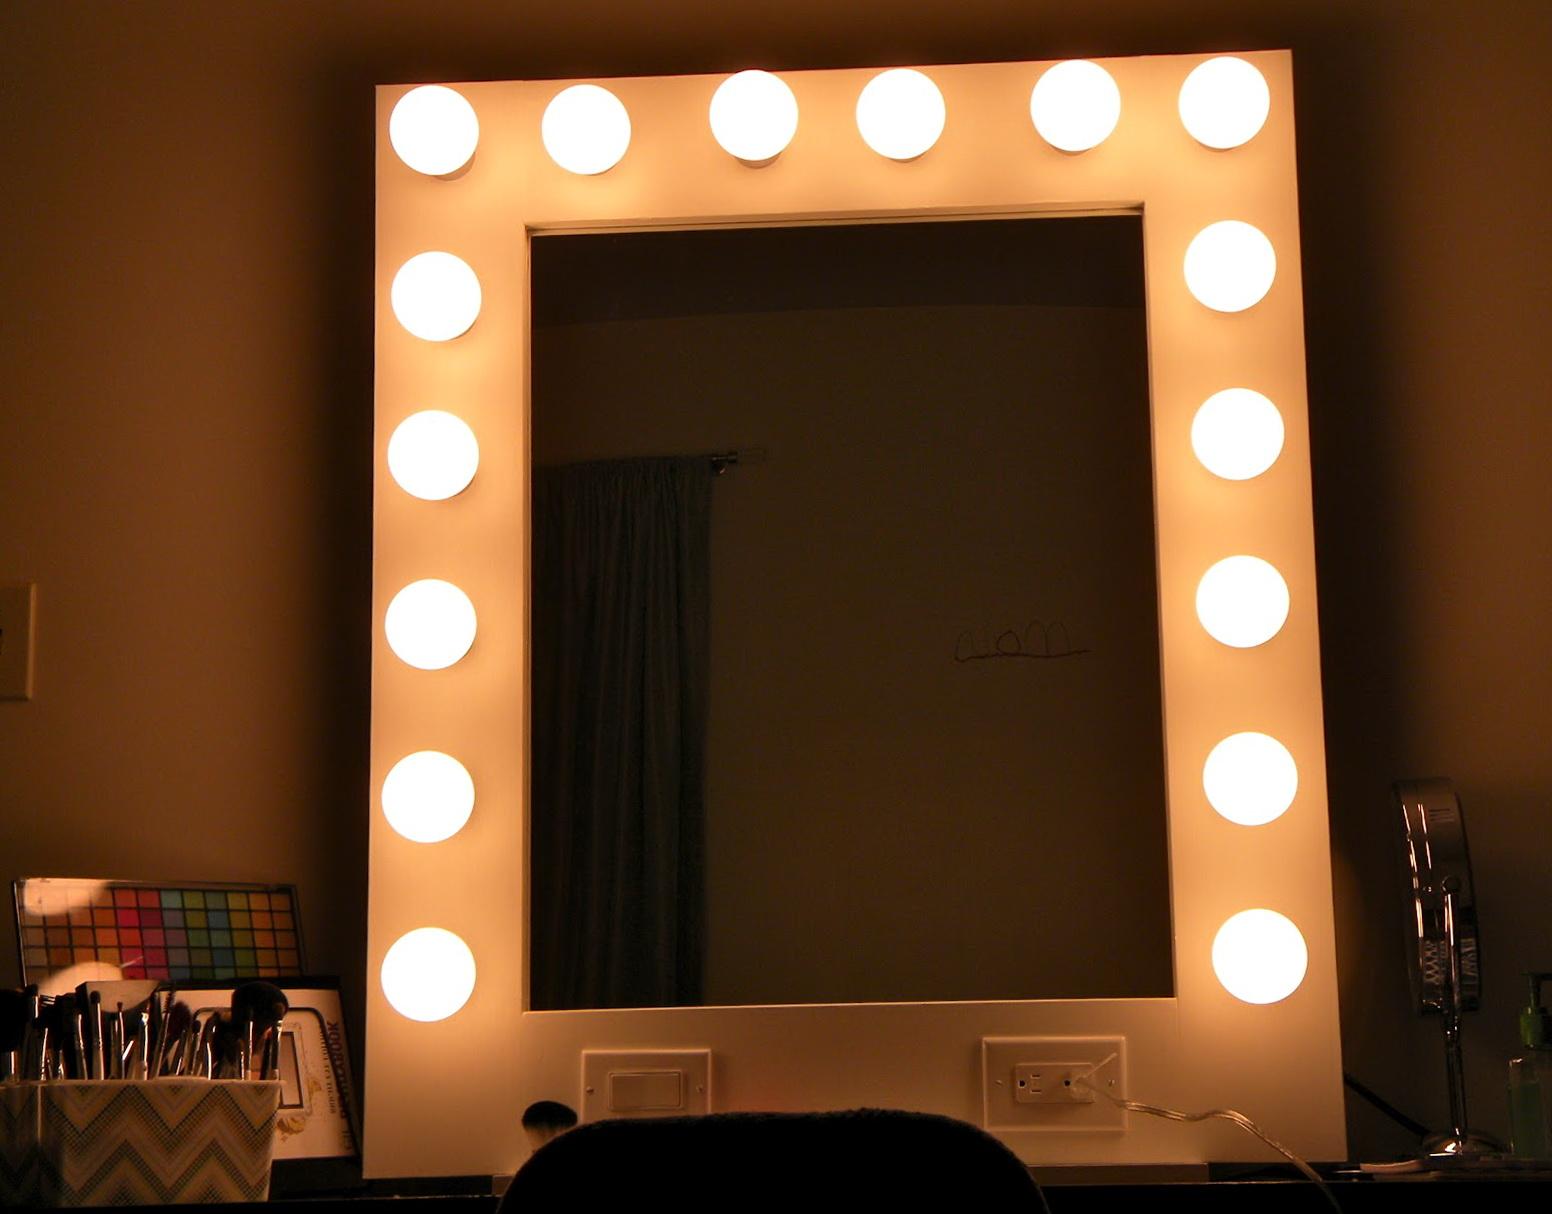 Bedroom Vanity Mirror With Lights